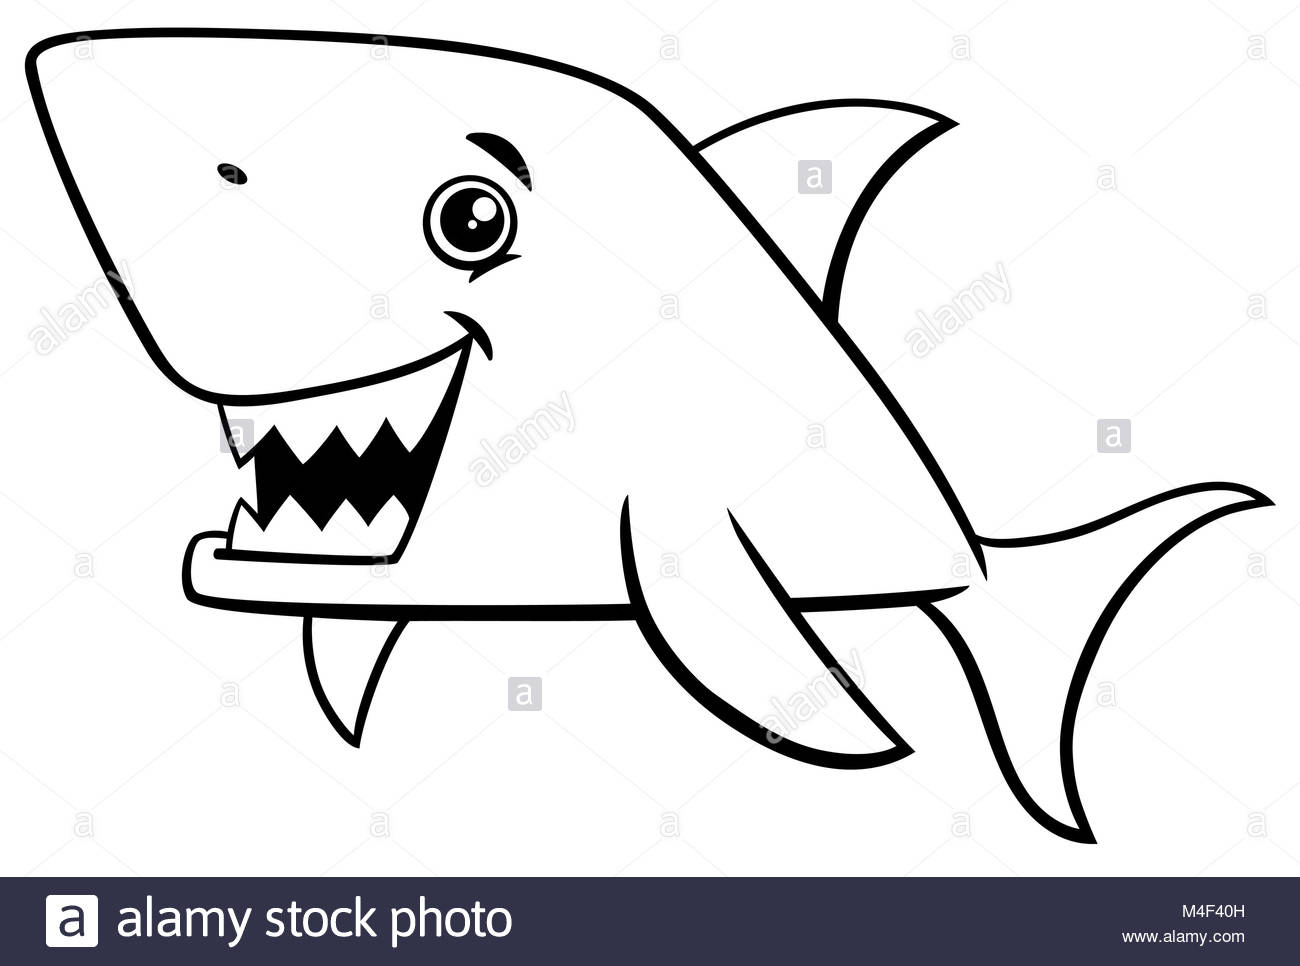 Poissons Requins Coloriage Banque D'images, Photo Stock encequiconcerne Coloriage Requin Blanc Imprimer